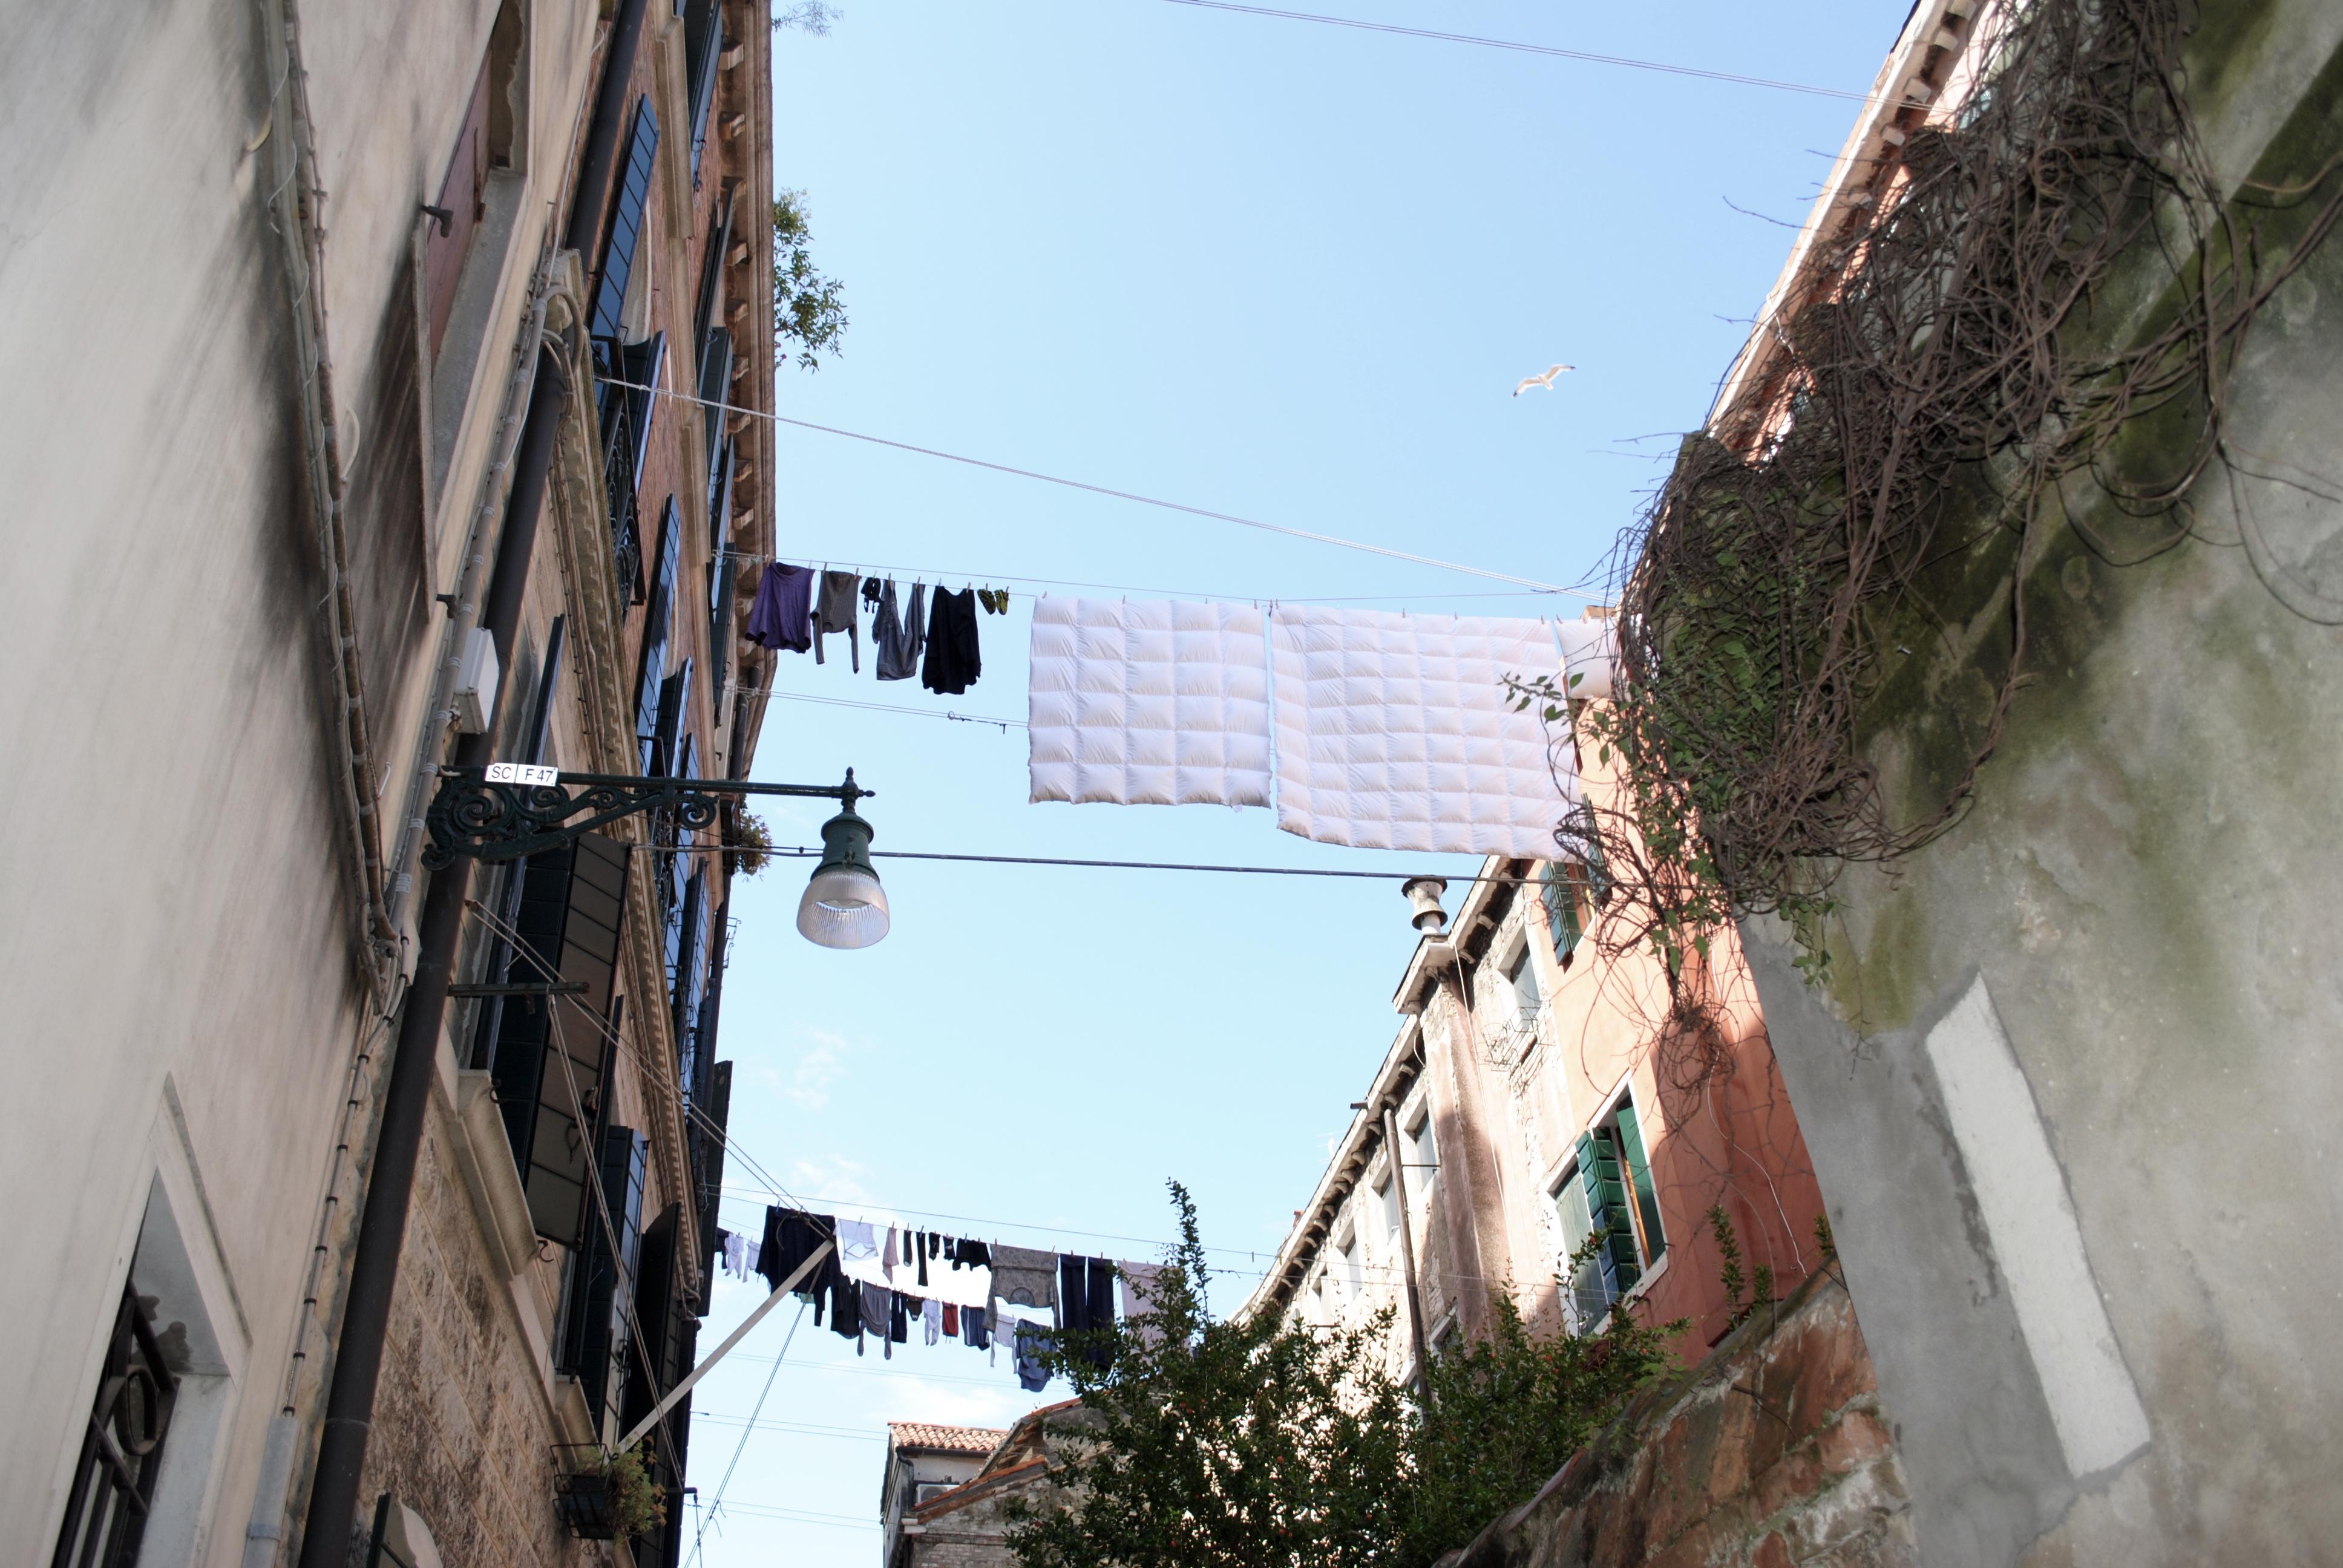 Marianna - clothesline